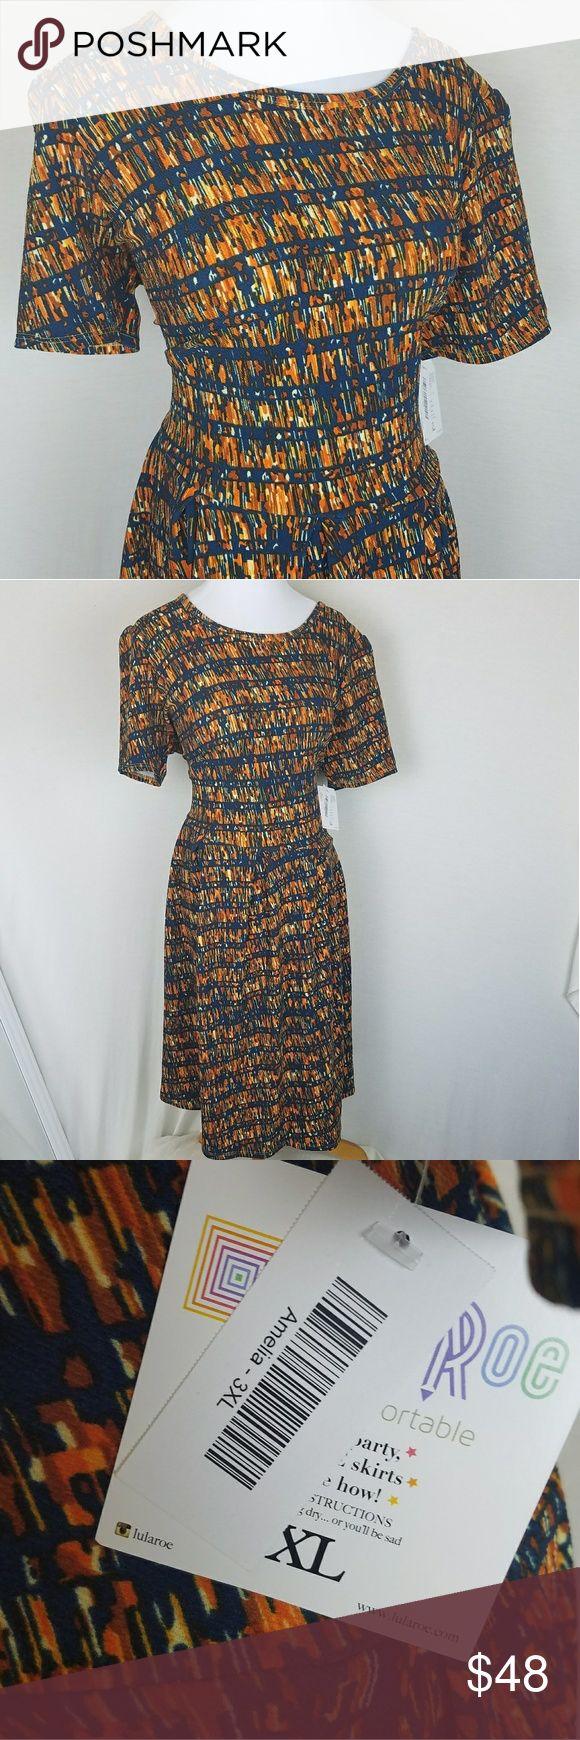 LuLaRoe Amelia Dress Great fall colors! Reminds me of a library. Amelia has a sturdy back zipper,  pleated skirt and pockets.   NWT. From a smoke-free home. I ship daily! LuLaRoe Dresses Midi